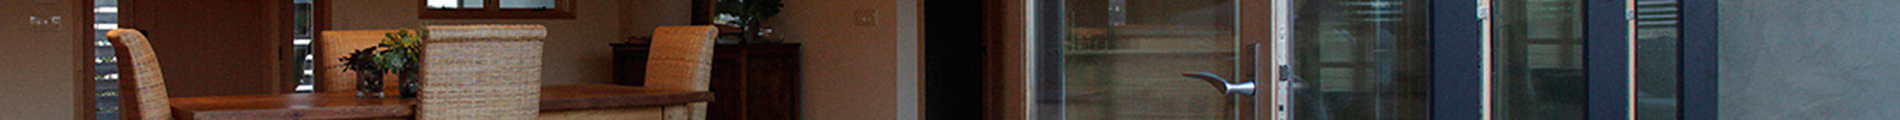 lacantina-banner